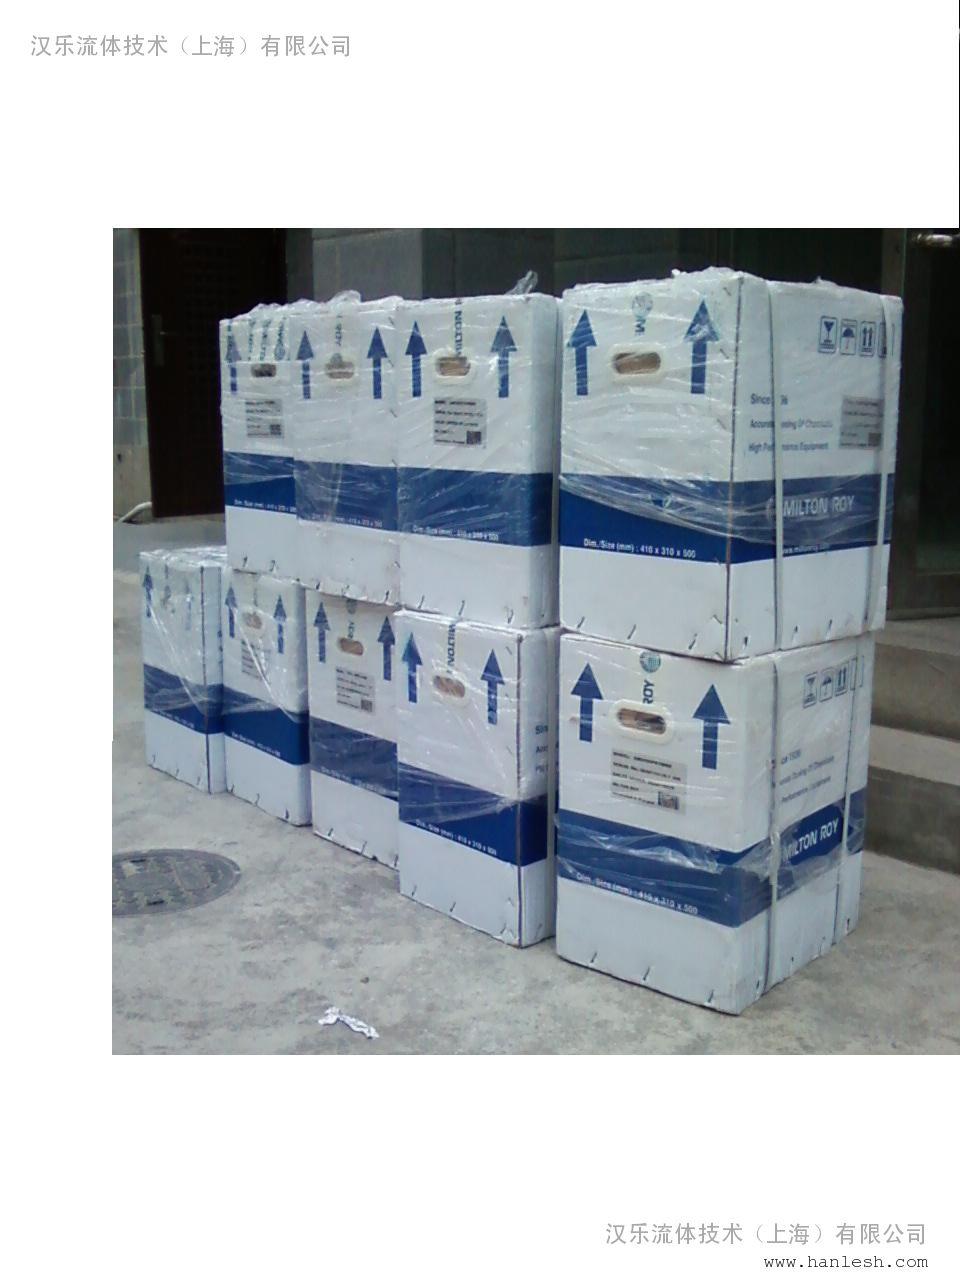 米顿罗计量泵GB1500SP4MNN机械隔膜计量泵